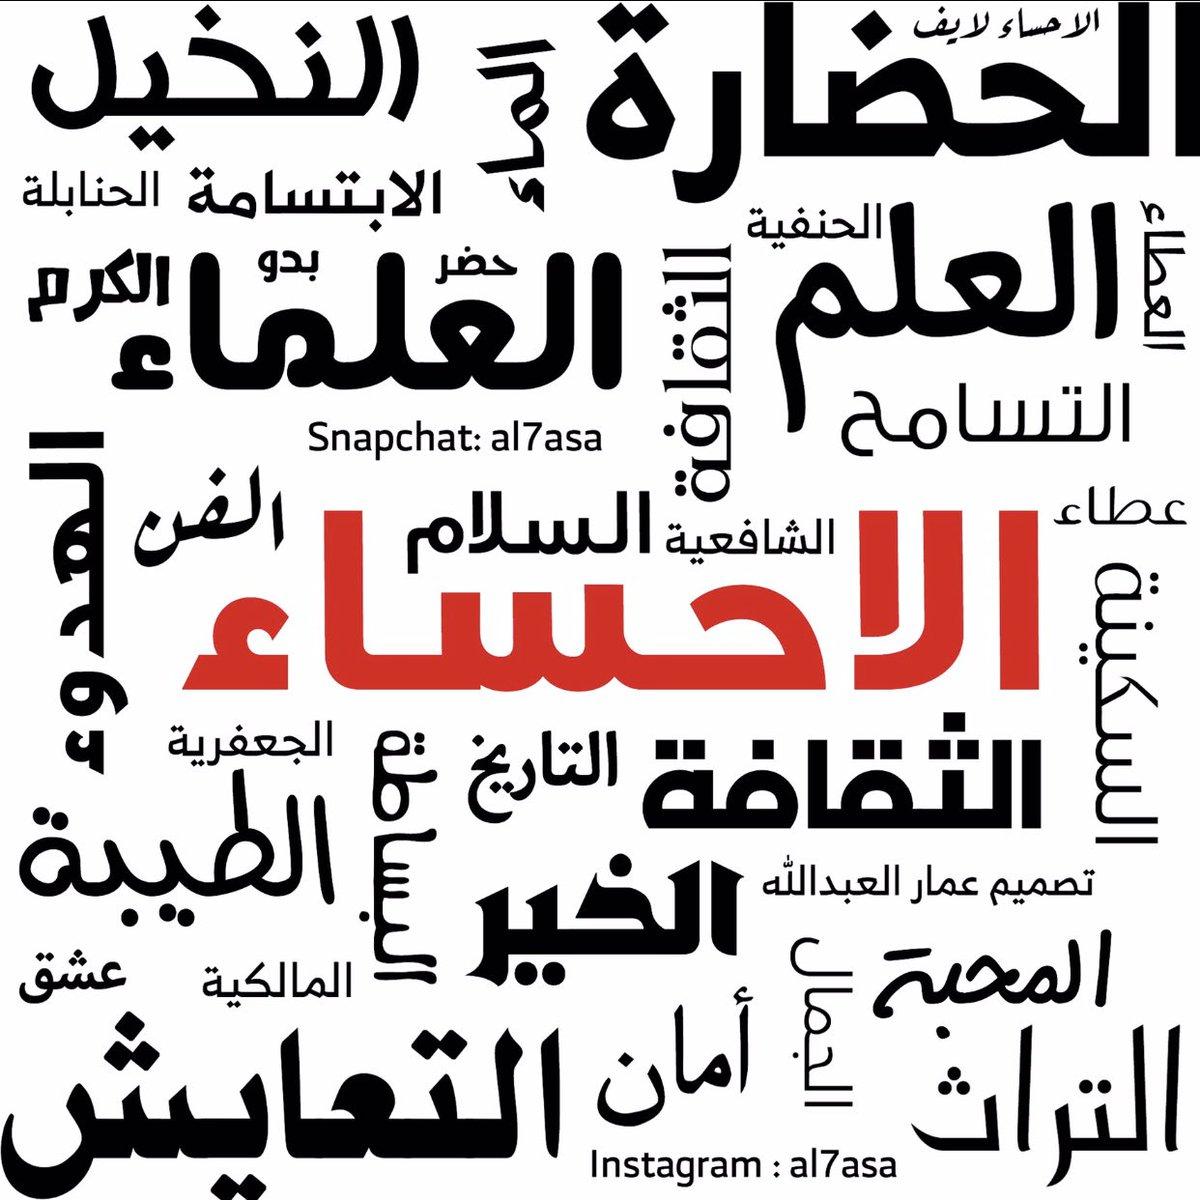 RT @ammarws: #ماذا_تعرف_عن_الاحساء شاهد هذا التصميم لتعرف ماهي #الاحساء https://t.co/1UPmWmAwxl